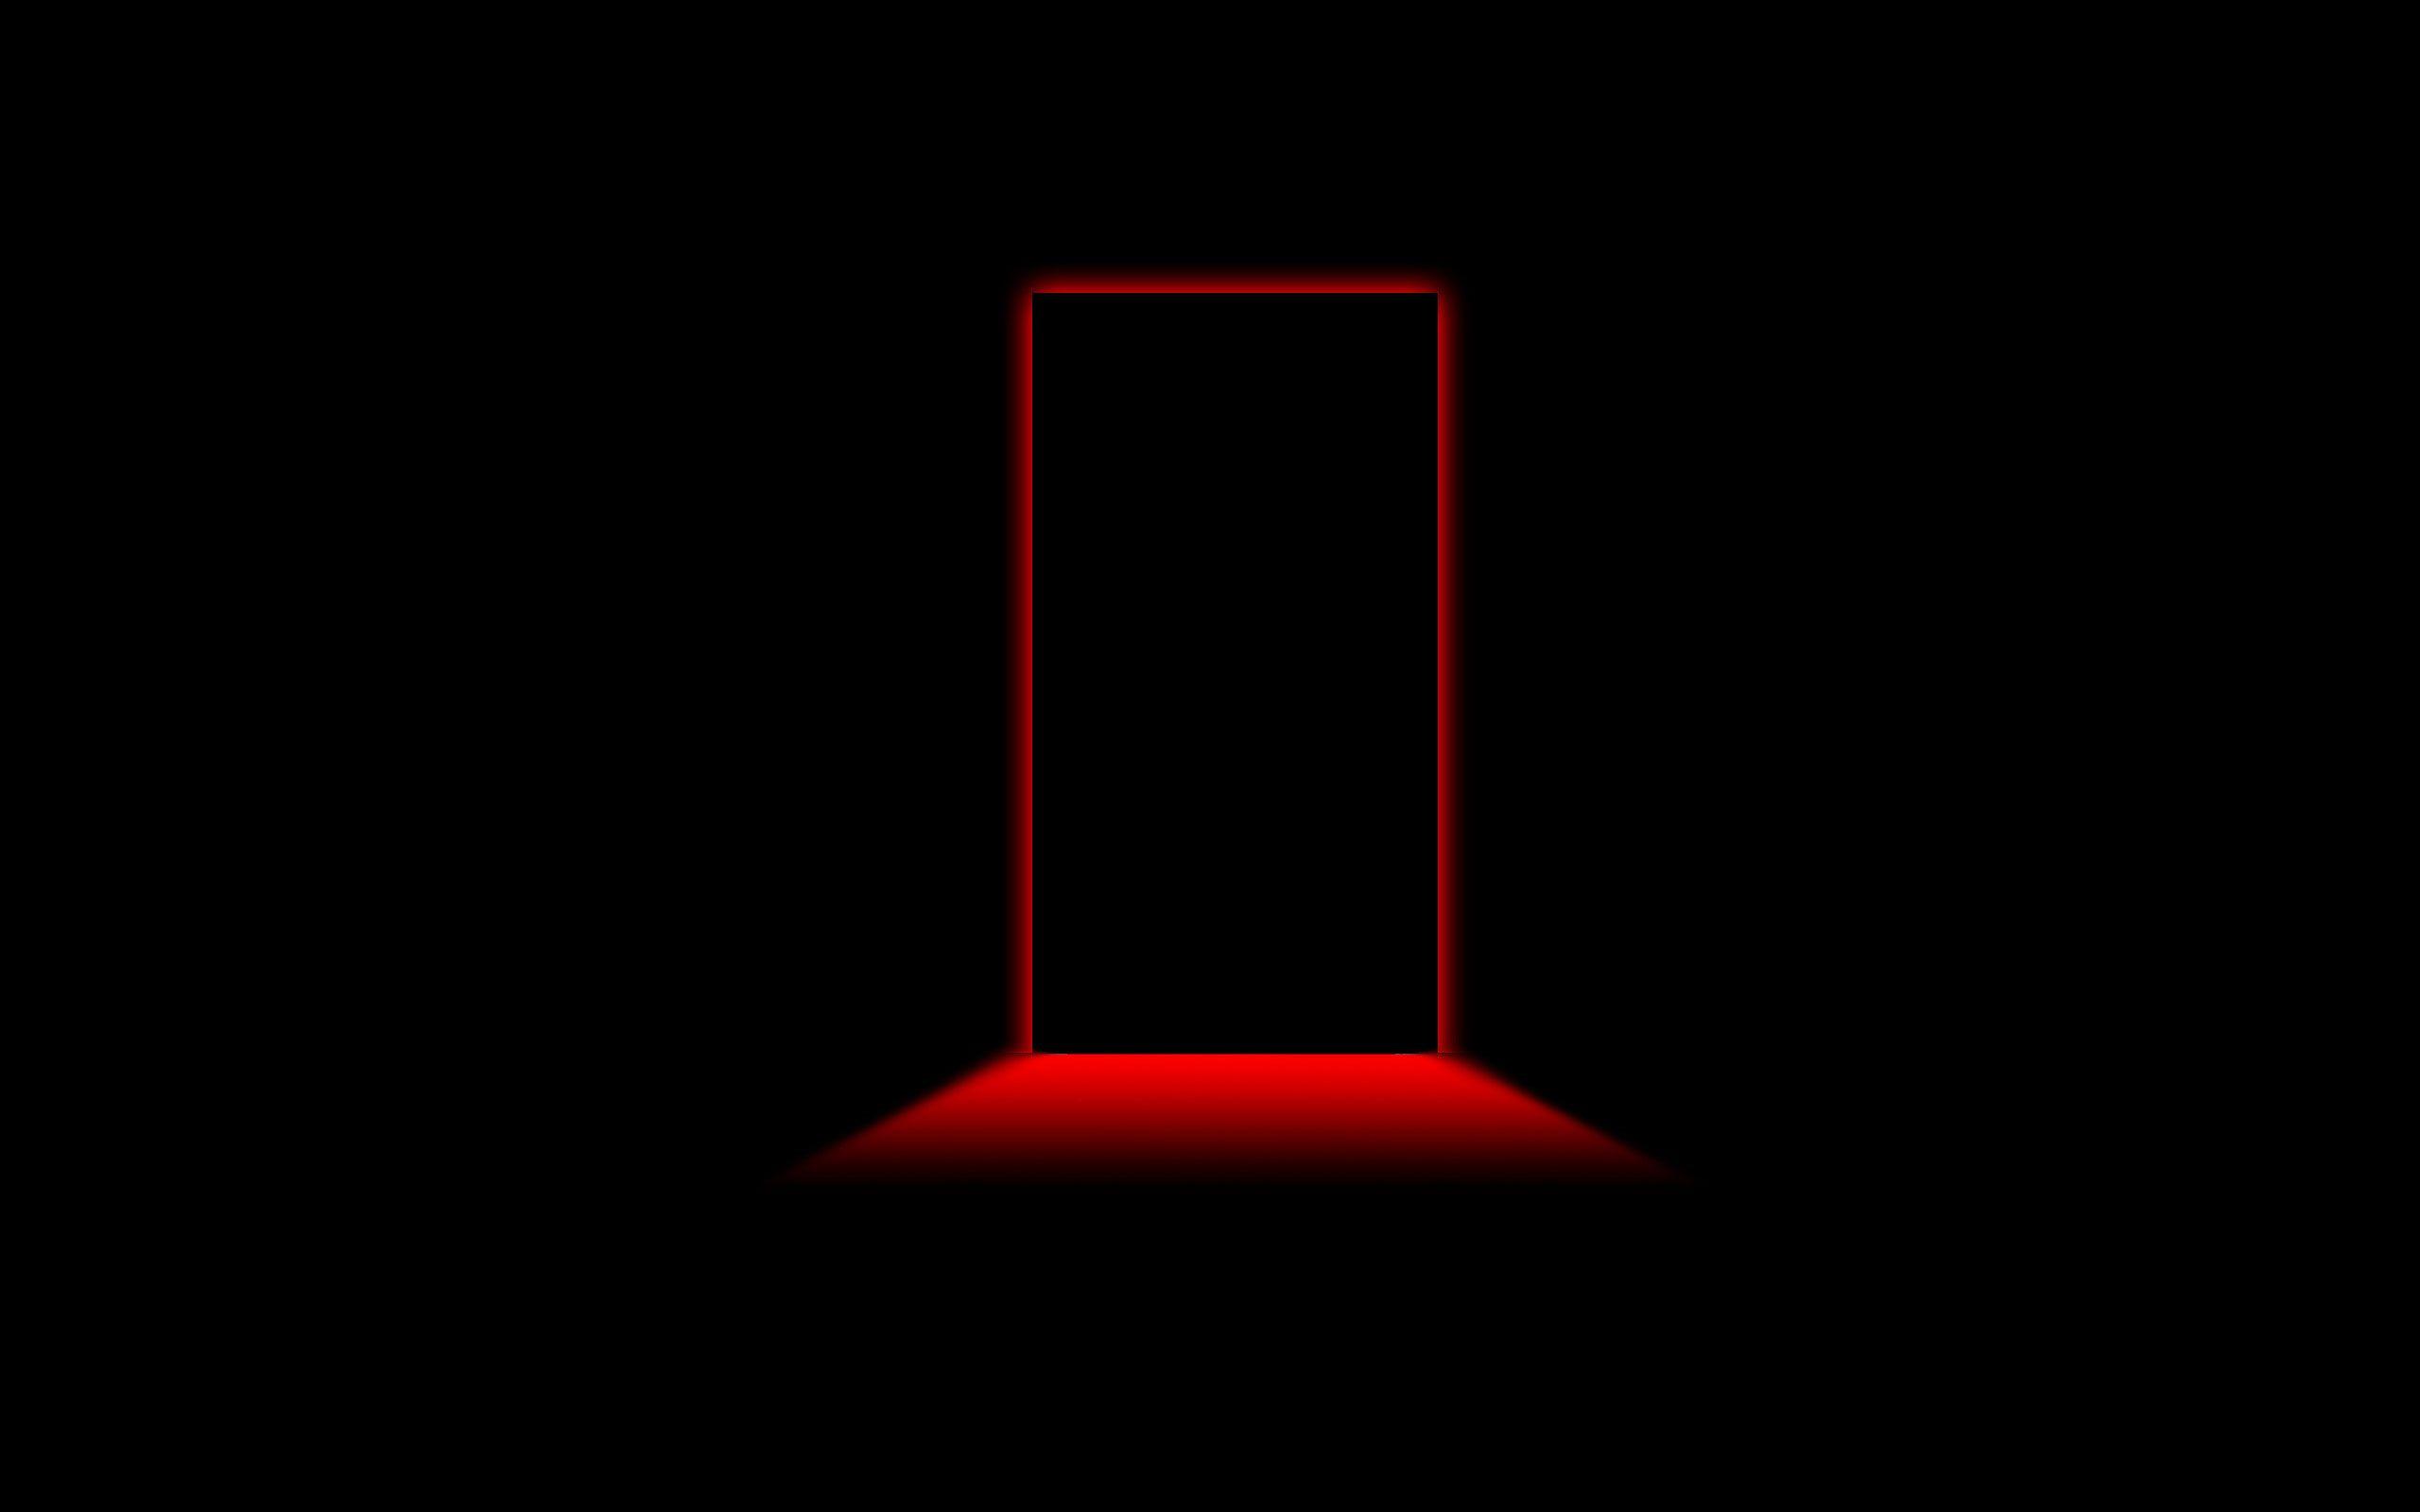 Black Red Wallpapers Hd Dekstop 7062 Backgrounds Black Hd Wallpaper Red Wallpaper Hd Wallpaper